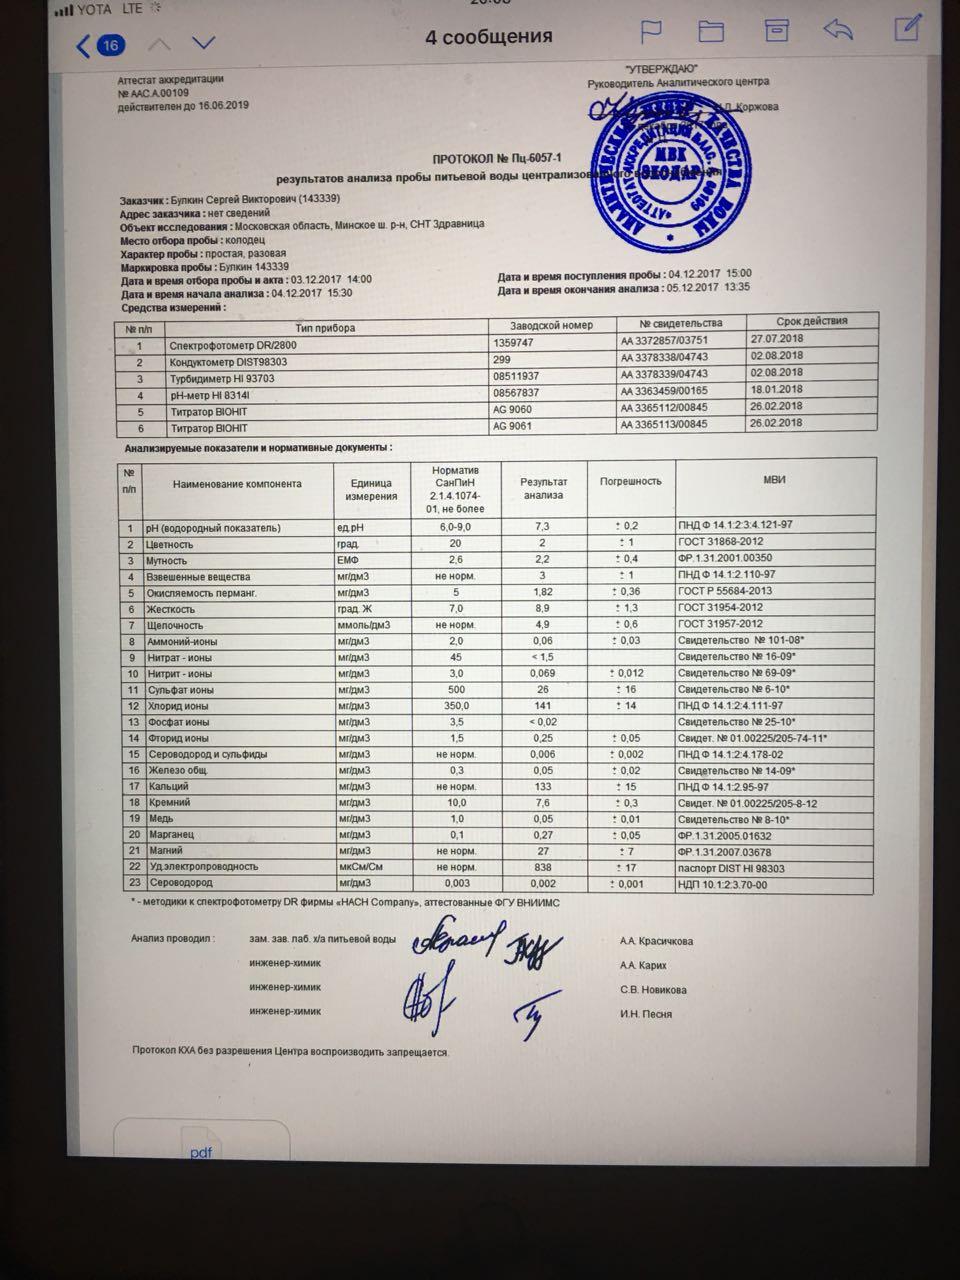 Отбор питьевой воды для химического анализа: регламентирующие акты и госты, правила забора образцов для лабораторного, физико-химического и других видов теста